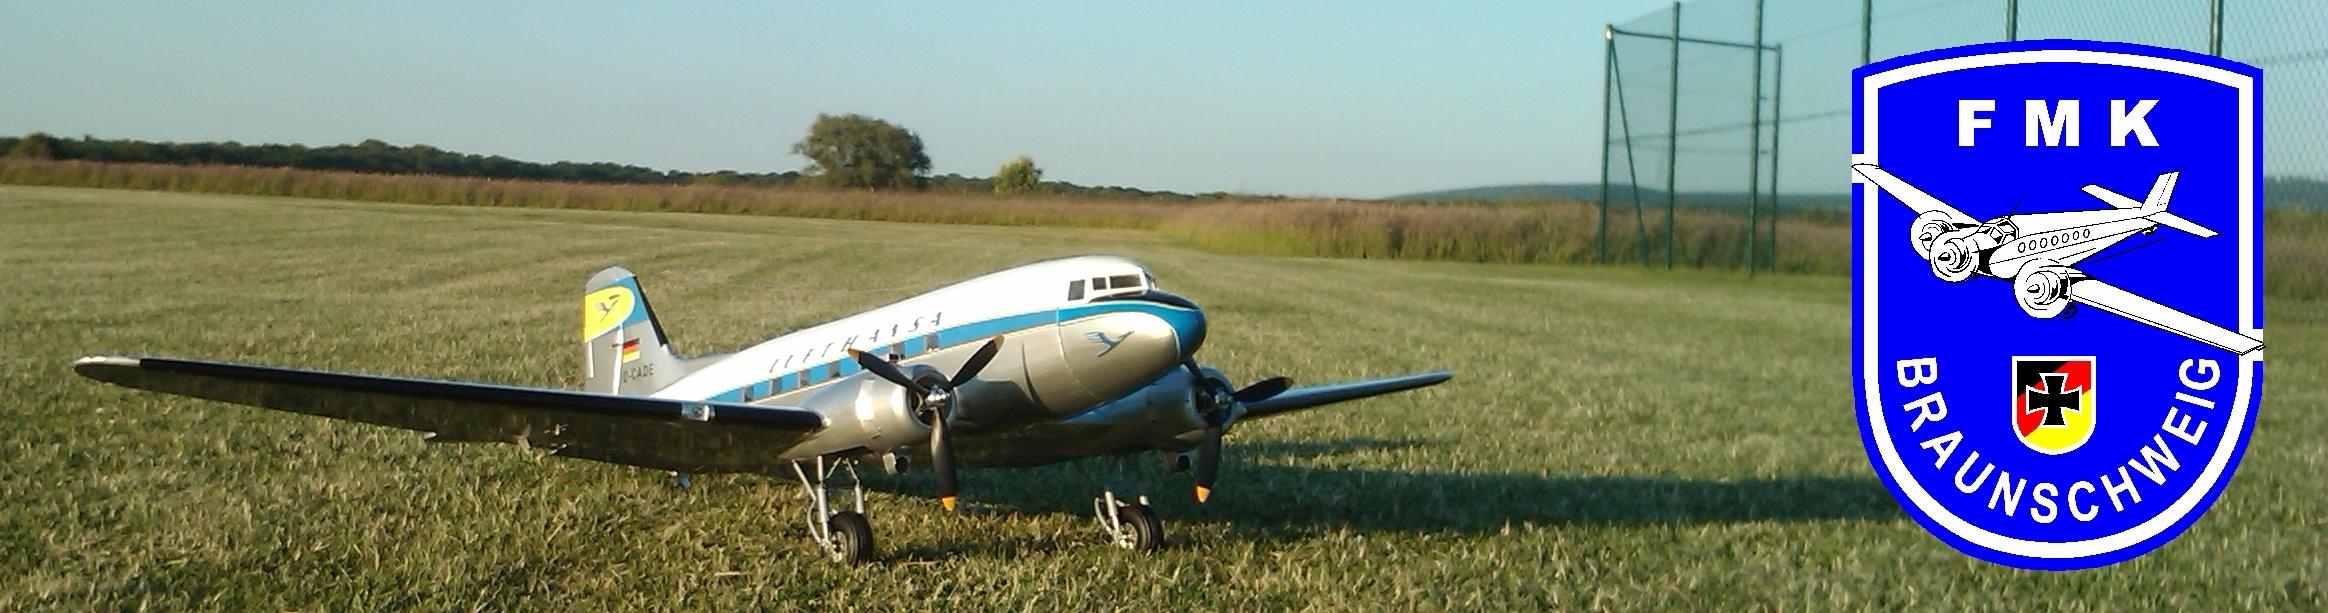 FMK – Modellflug in Braunschweig